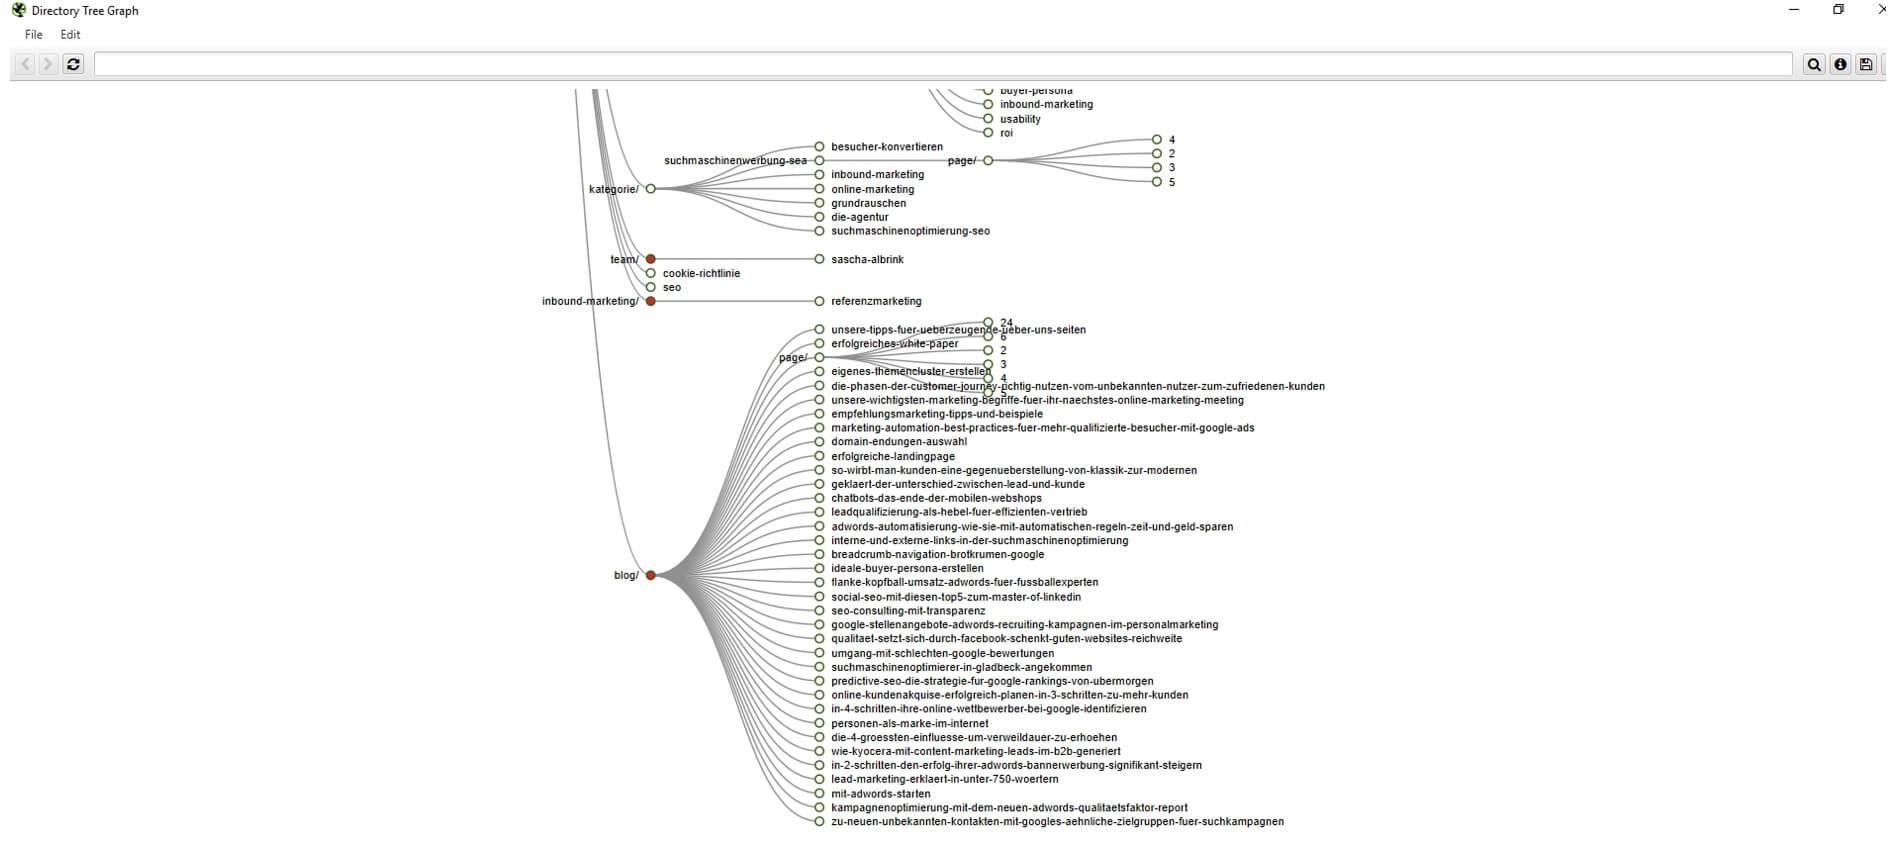 Beispiel eines Tree-Graph